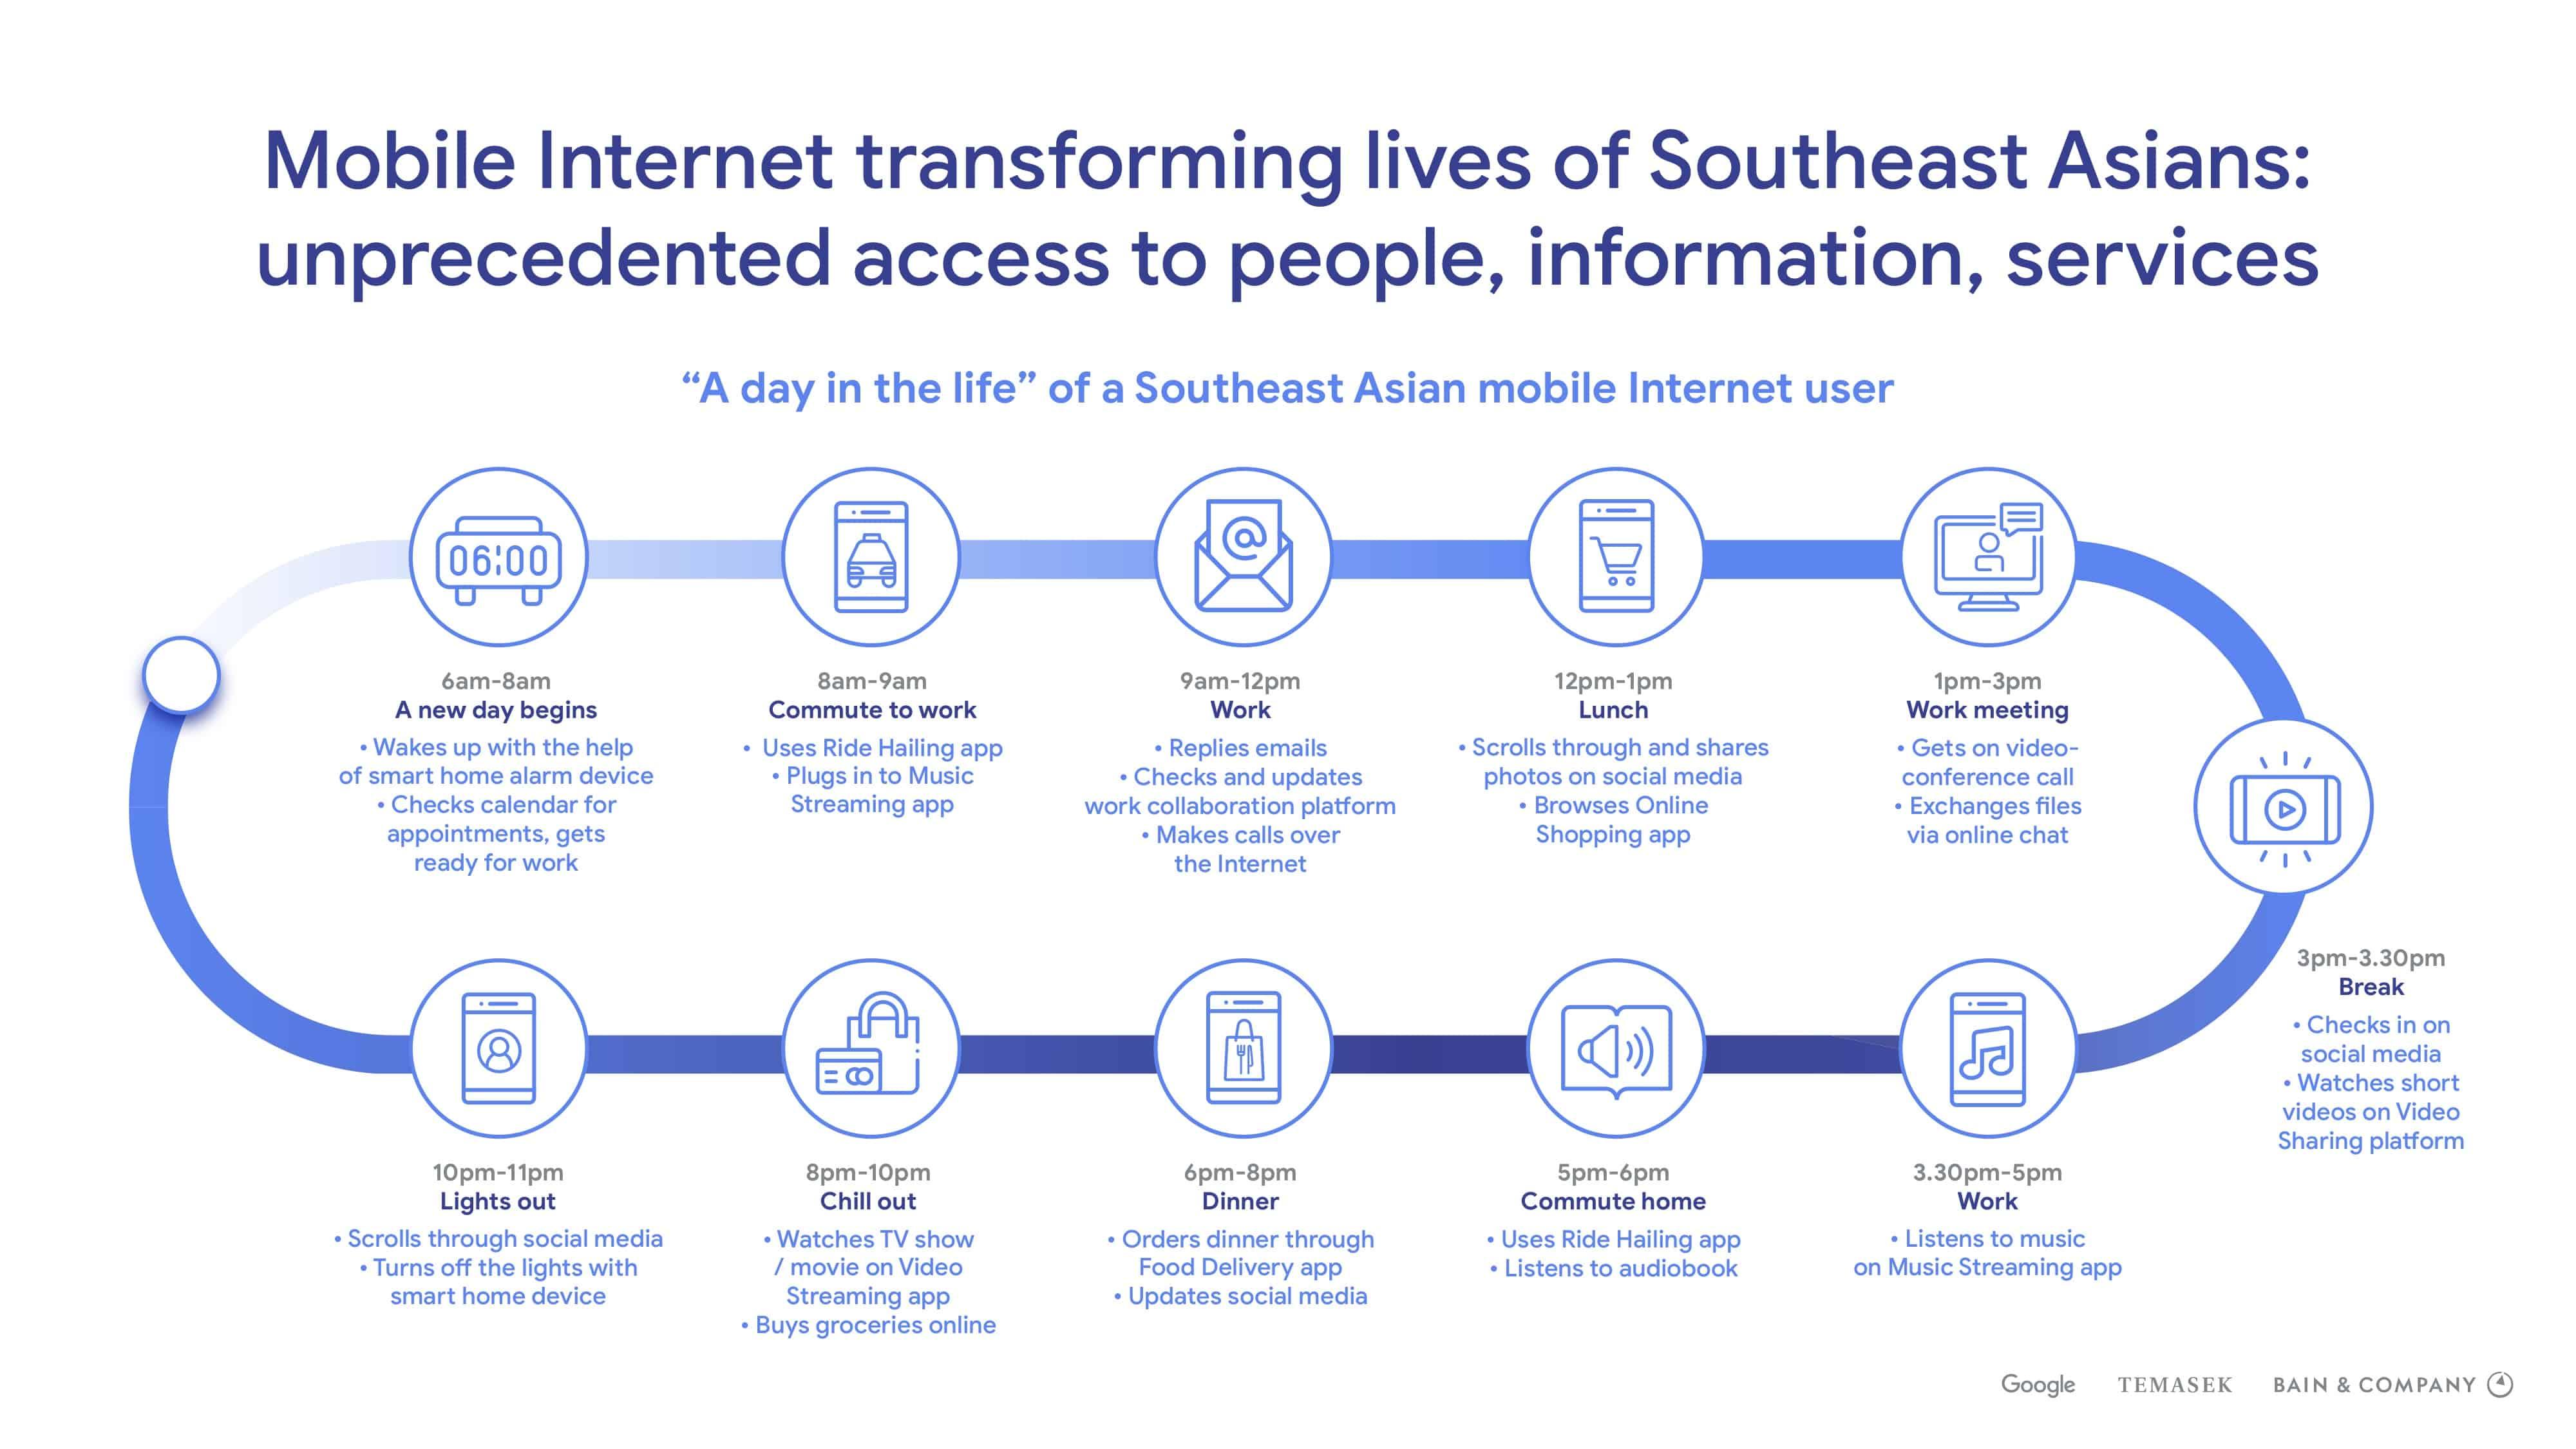 เมื่อ Ride Hailing กับ E-Commerce กลายเป็นหัวใจหลักที่ทำให้ Digital Economy ไทยขยายตัว